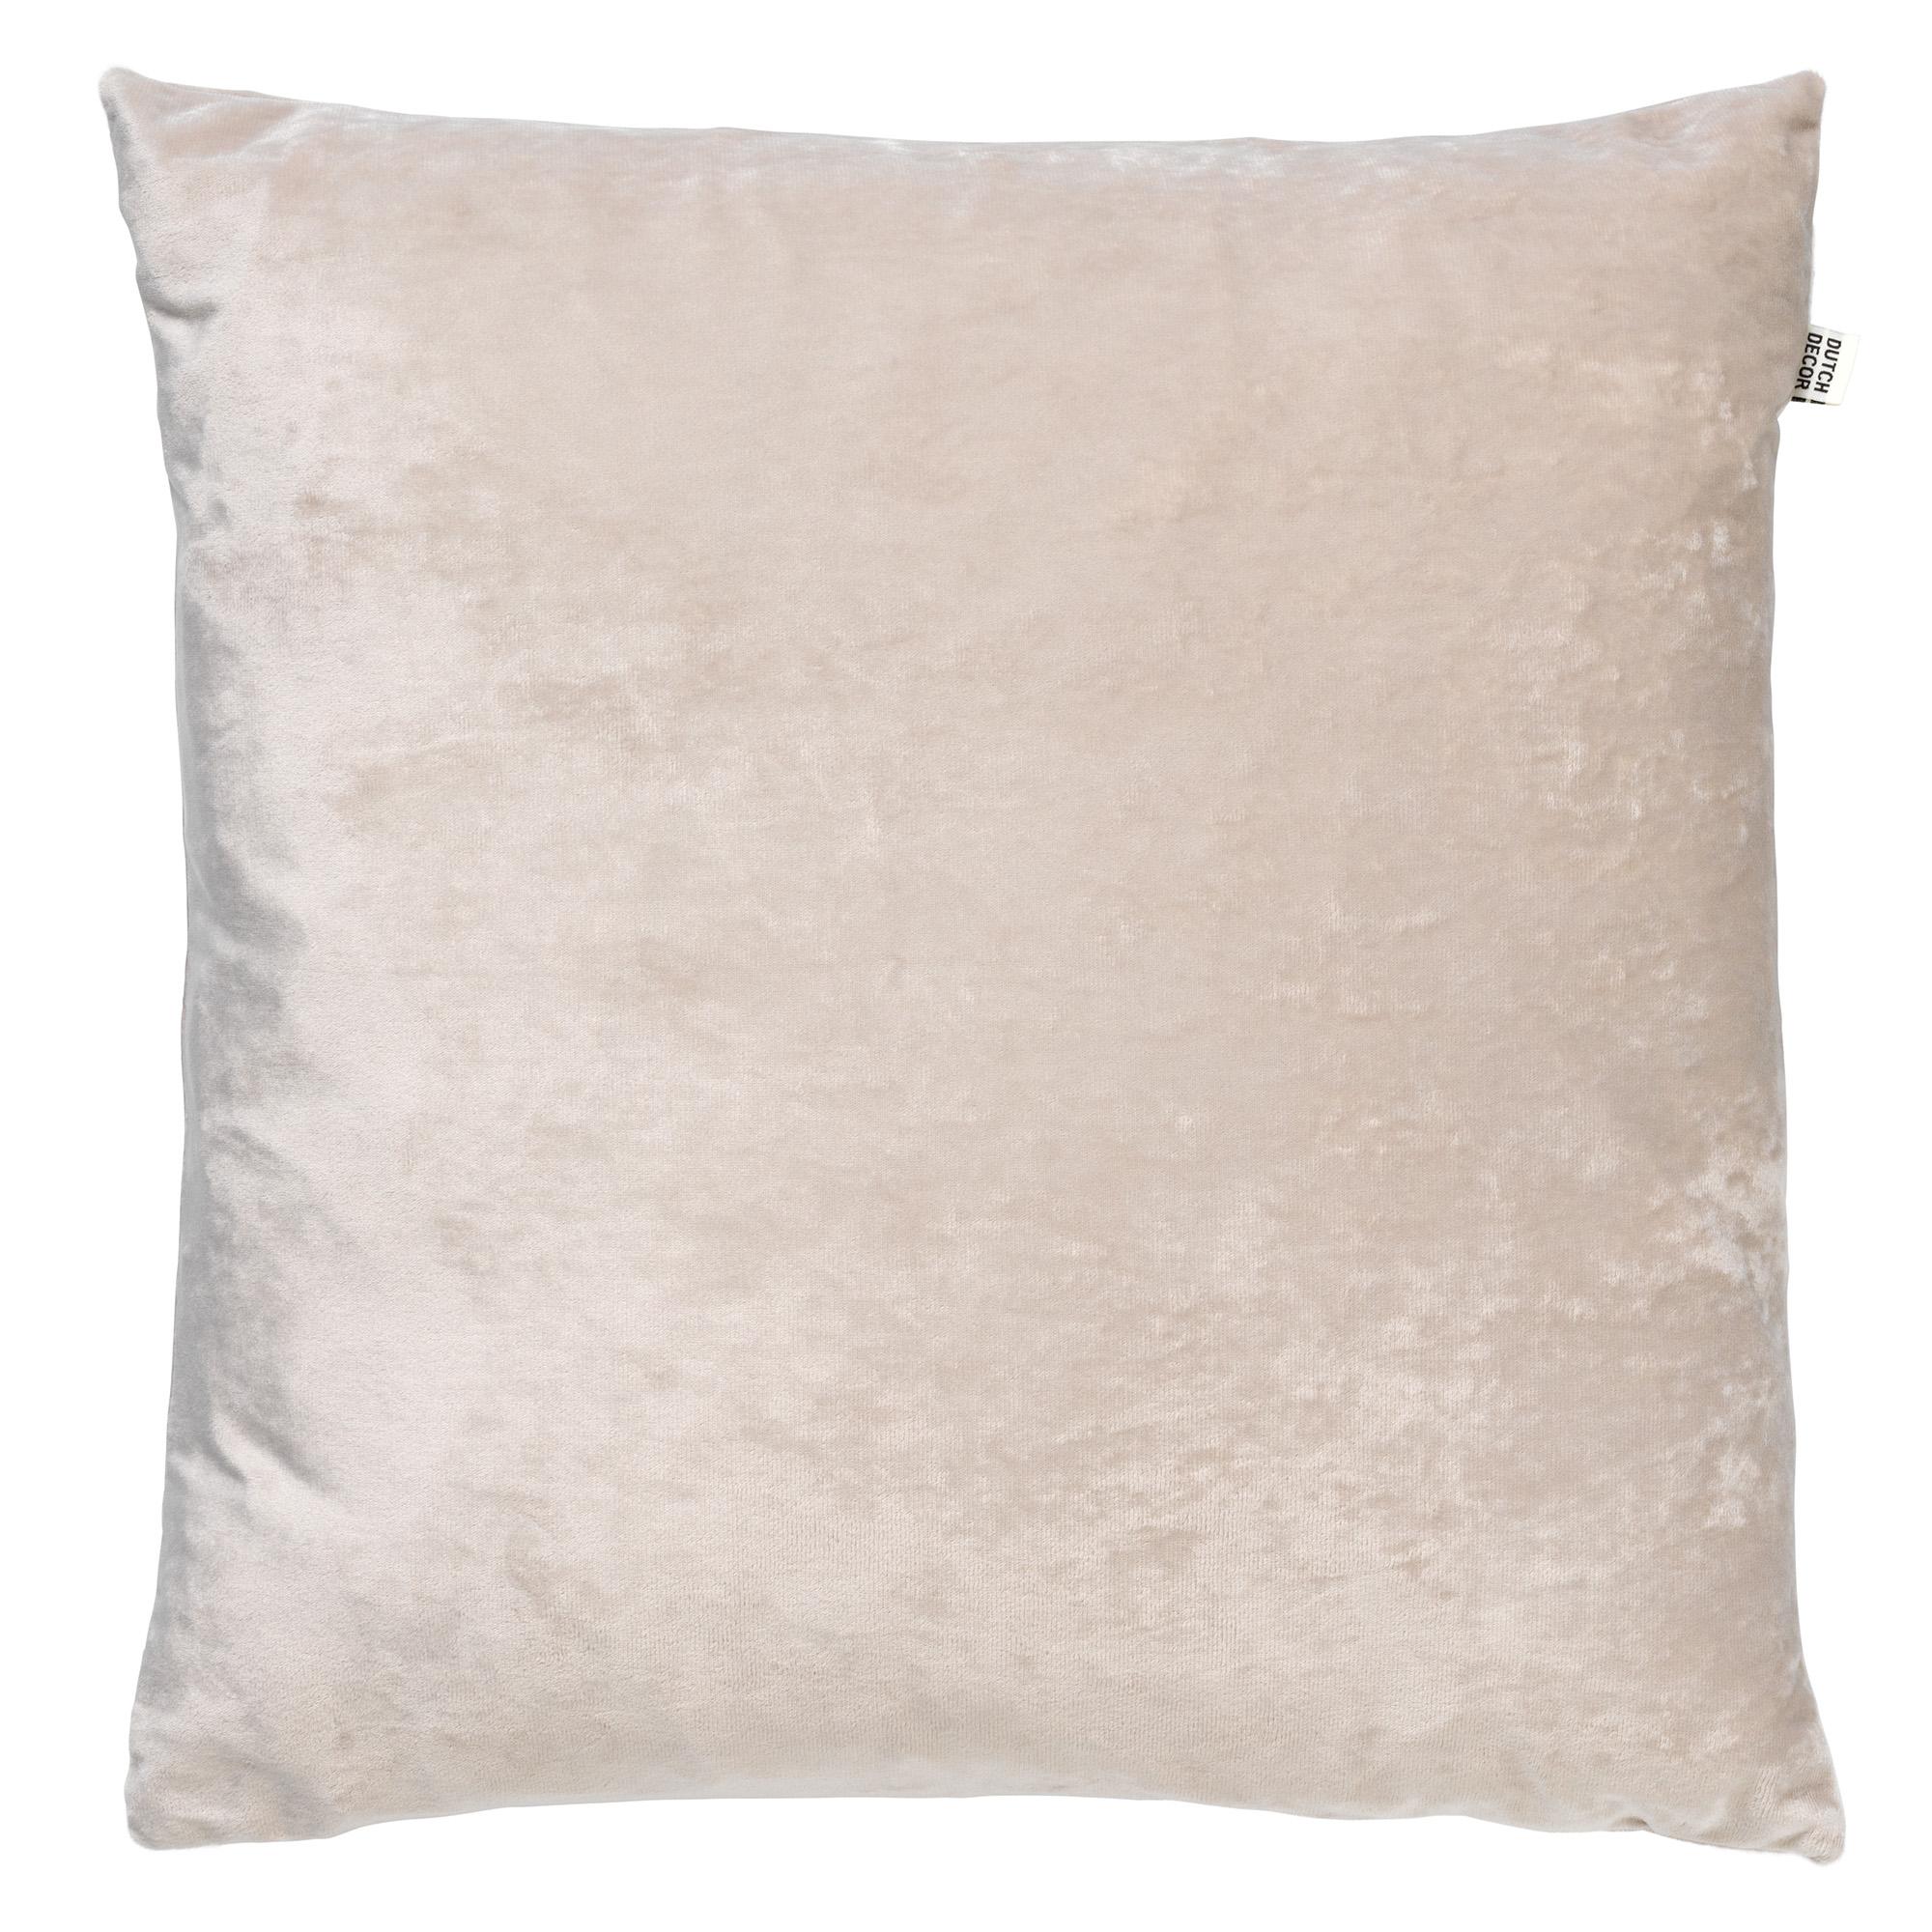 SKY - Sierkussen velvet Pumice Stone 45x45 cm